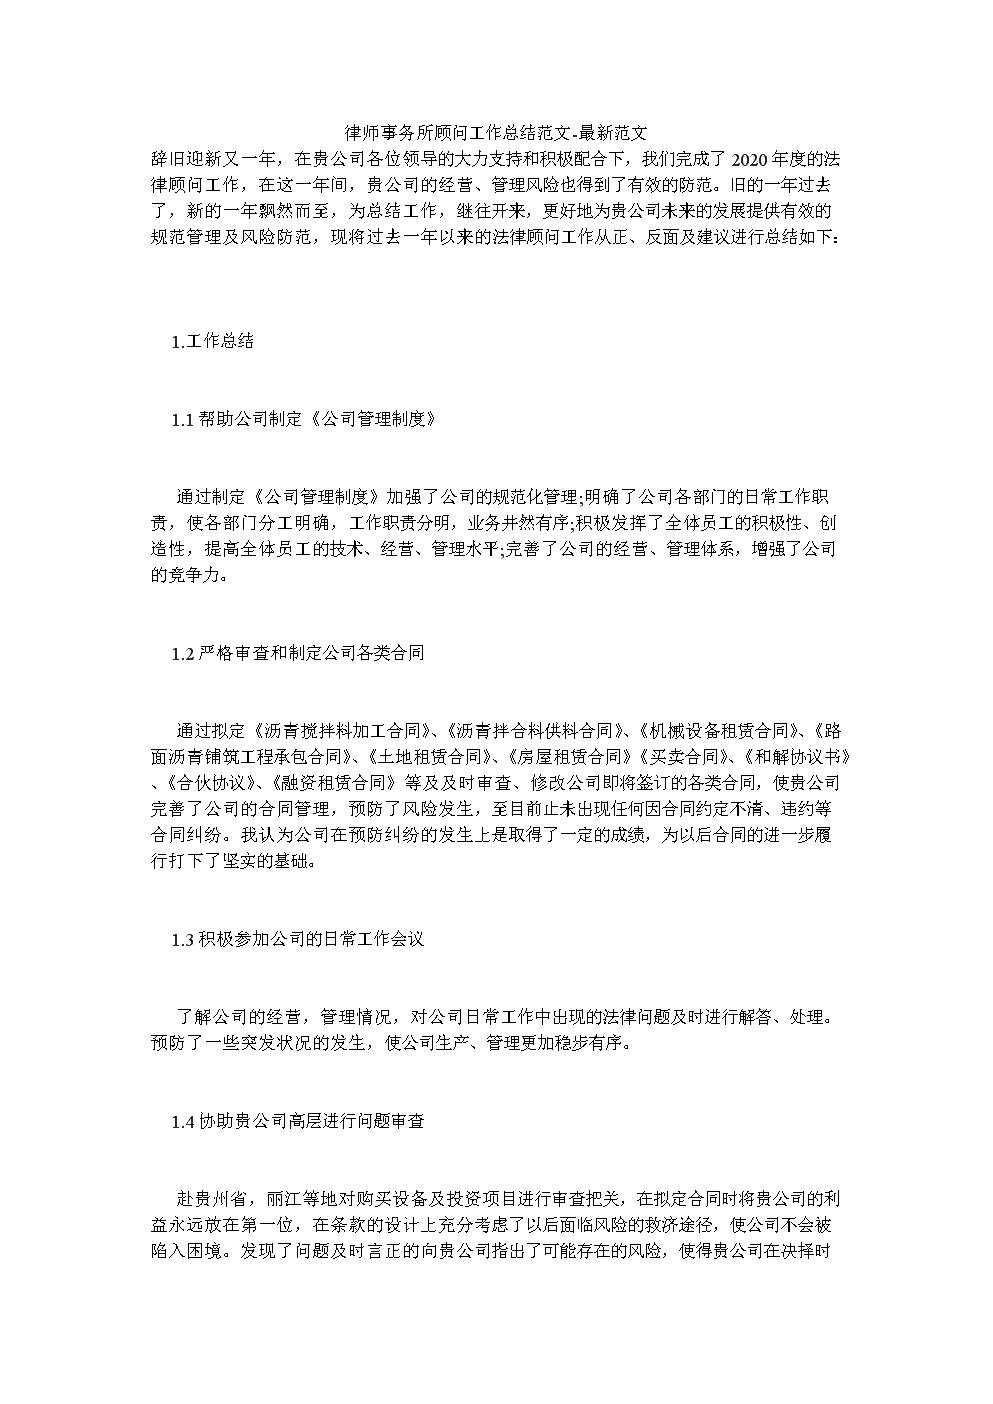 律师事务所顾问工作总结范文-最新范文.doc